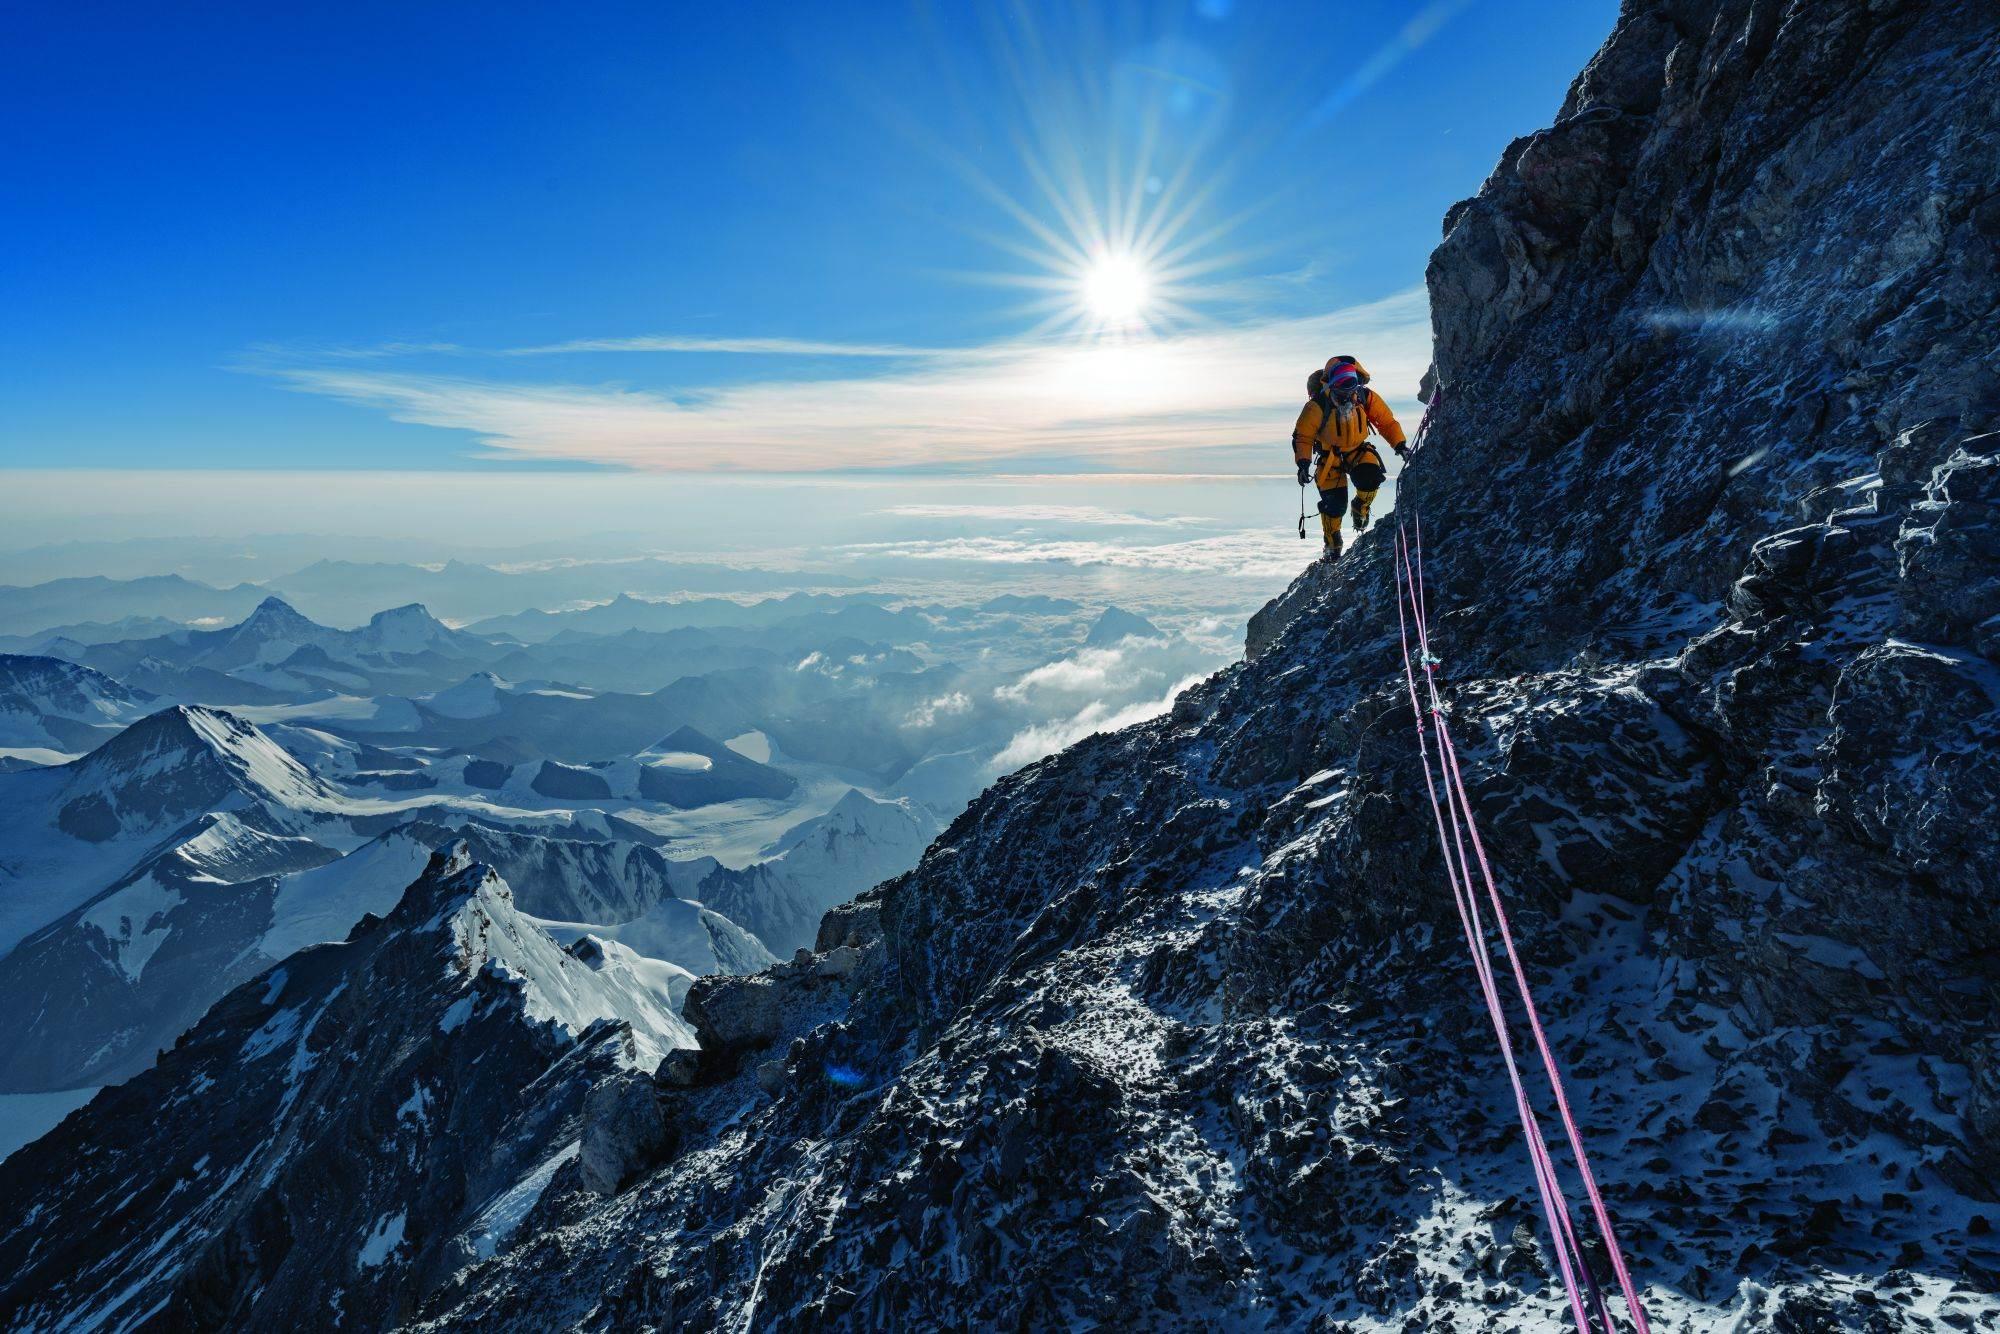 Pasang Kadži Šerpa prati fiksirane konopce preko jednog stenovitog prevoja nedaleko od vrha Everesta. Tog dana kad je ekipa stigla na vrh, bili su jedini penjači na obe strane planine.